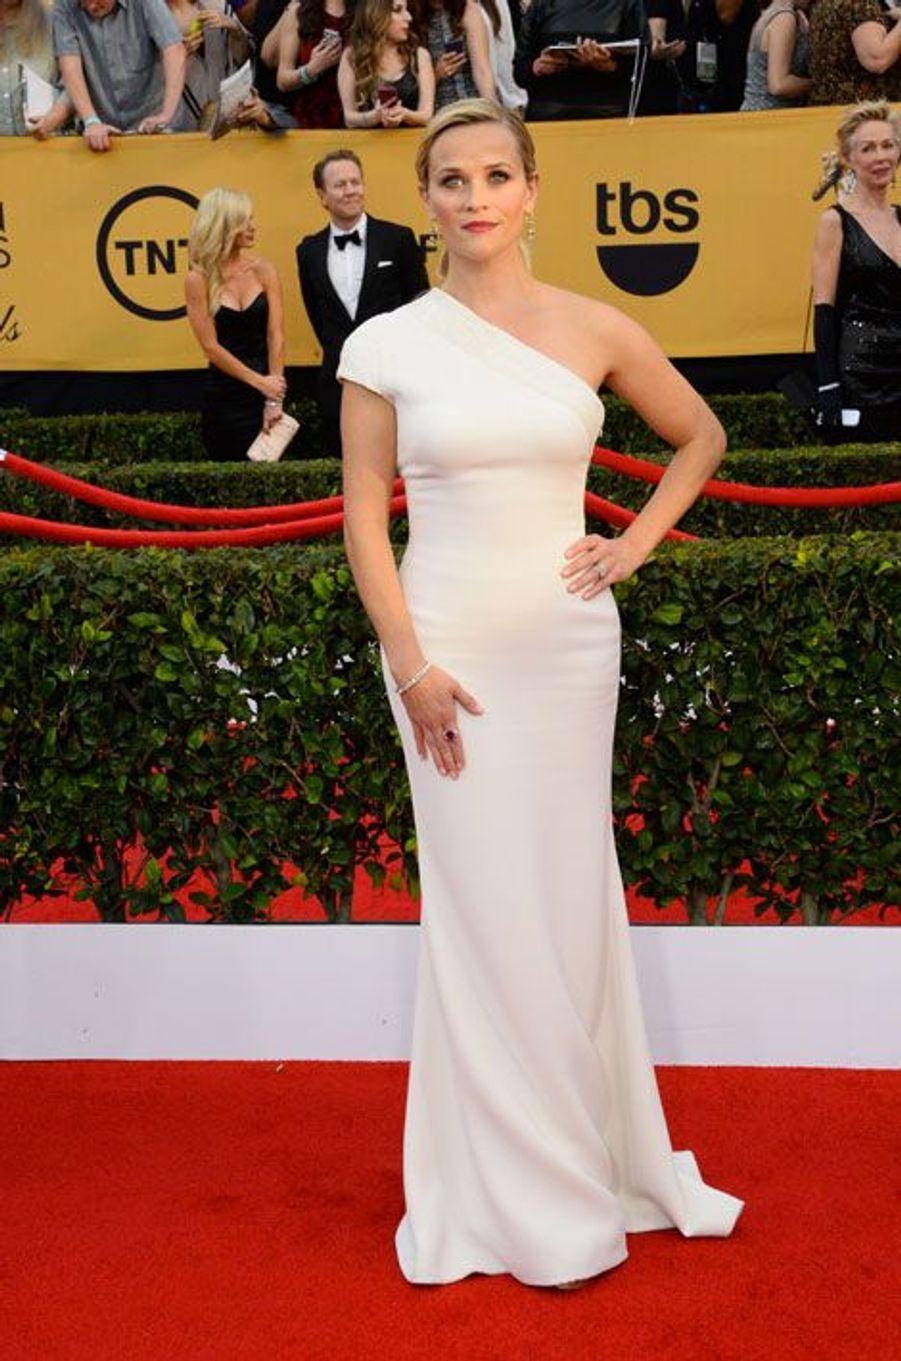 L'actrice Reese Witherspoon en Giorgio Armani lors de la cérémonie des Screen Actors Awards à Los Angeles, le 25 janvier 2015